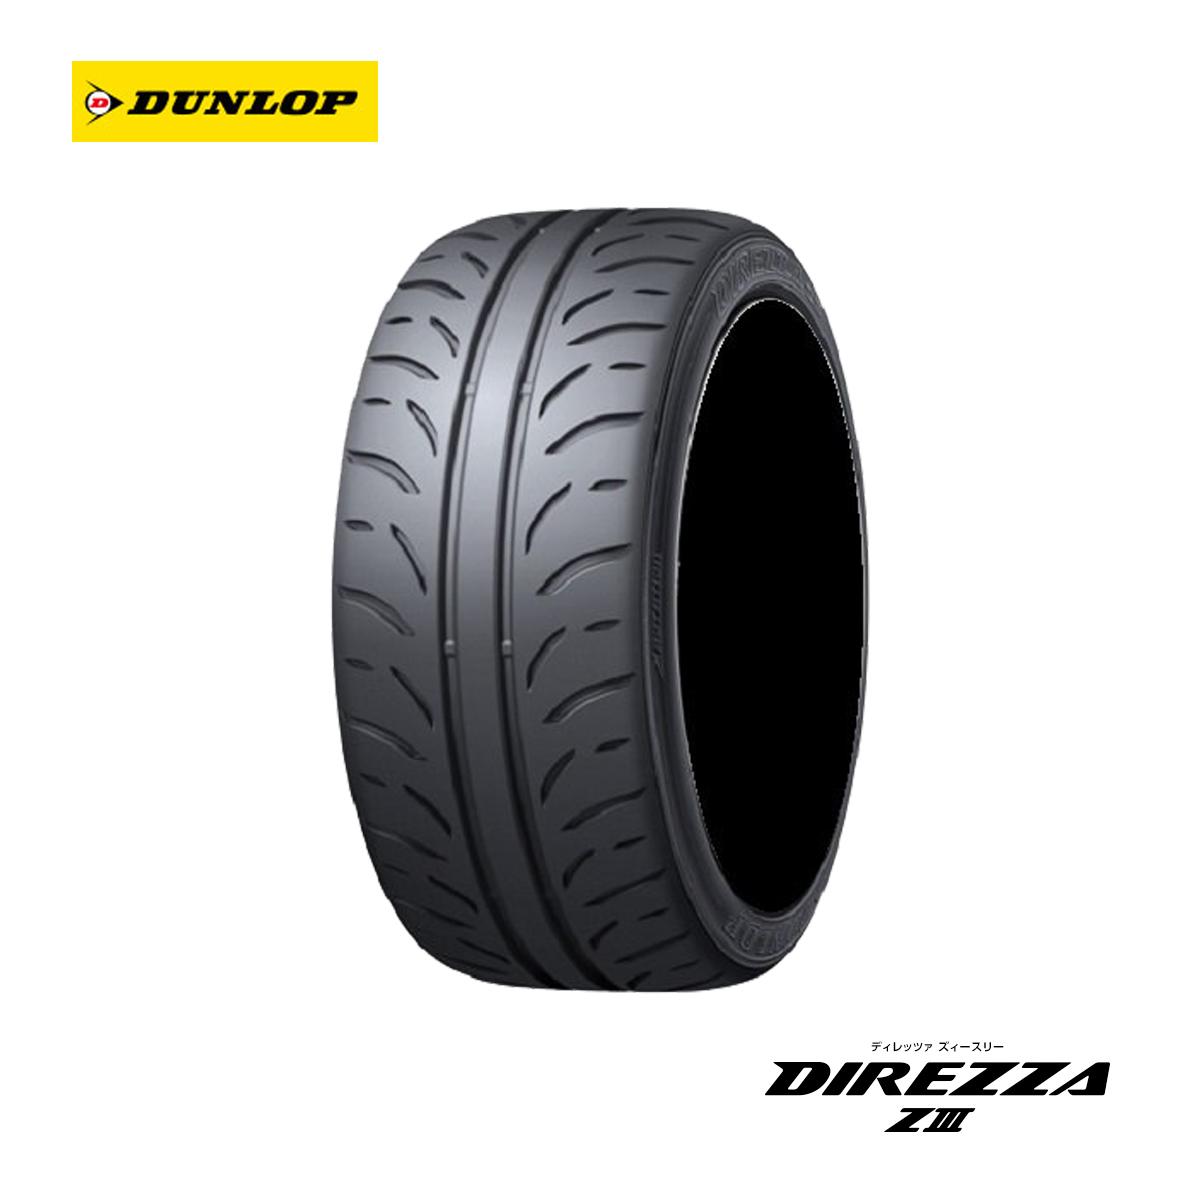 DUNLOP ダンロップ サマータイヤ 4本 セット 19インチ 245/40R19 DIREZZA Z3 ディレッツァ